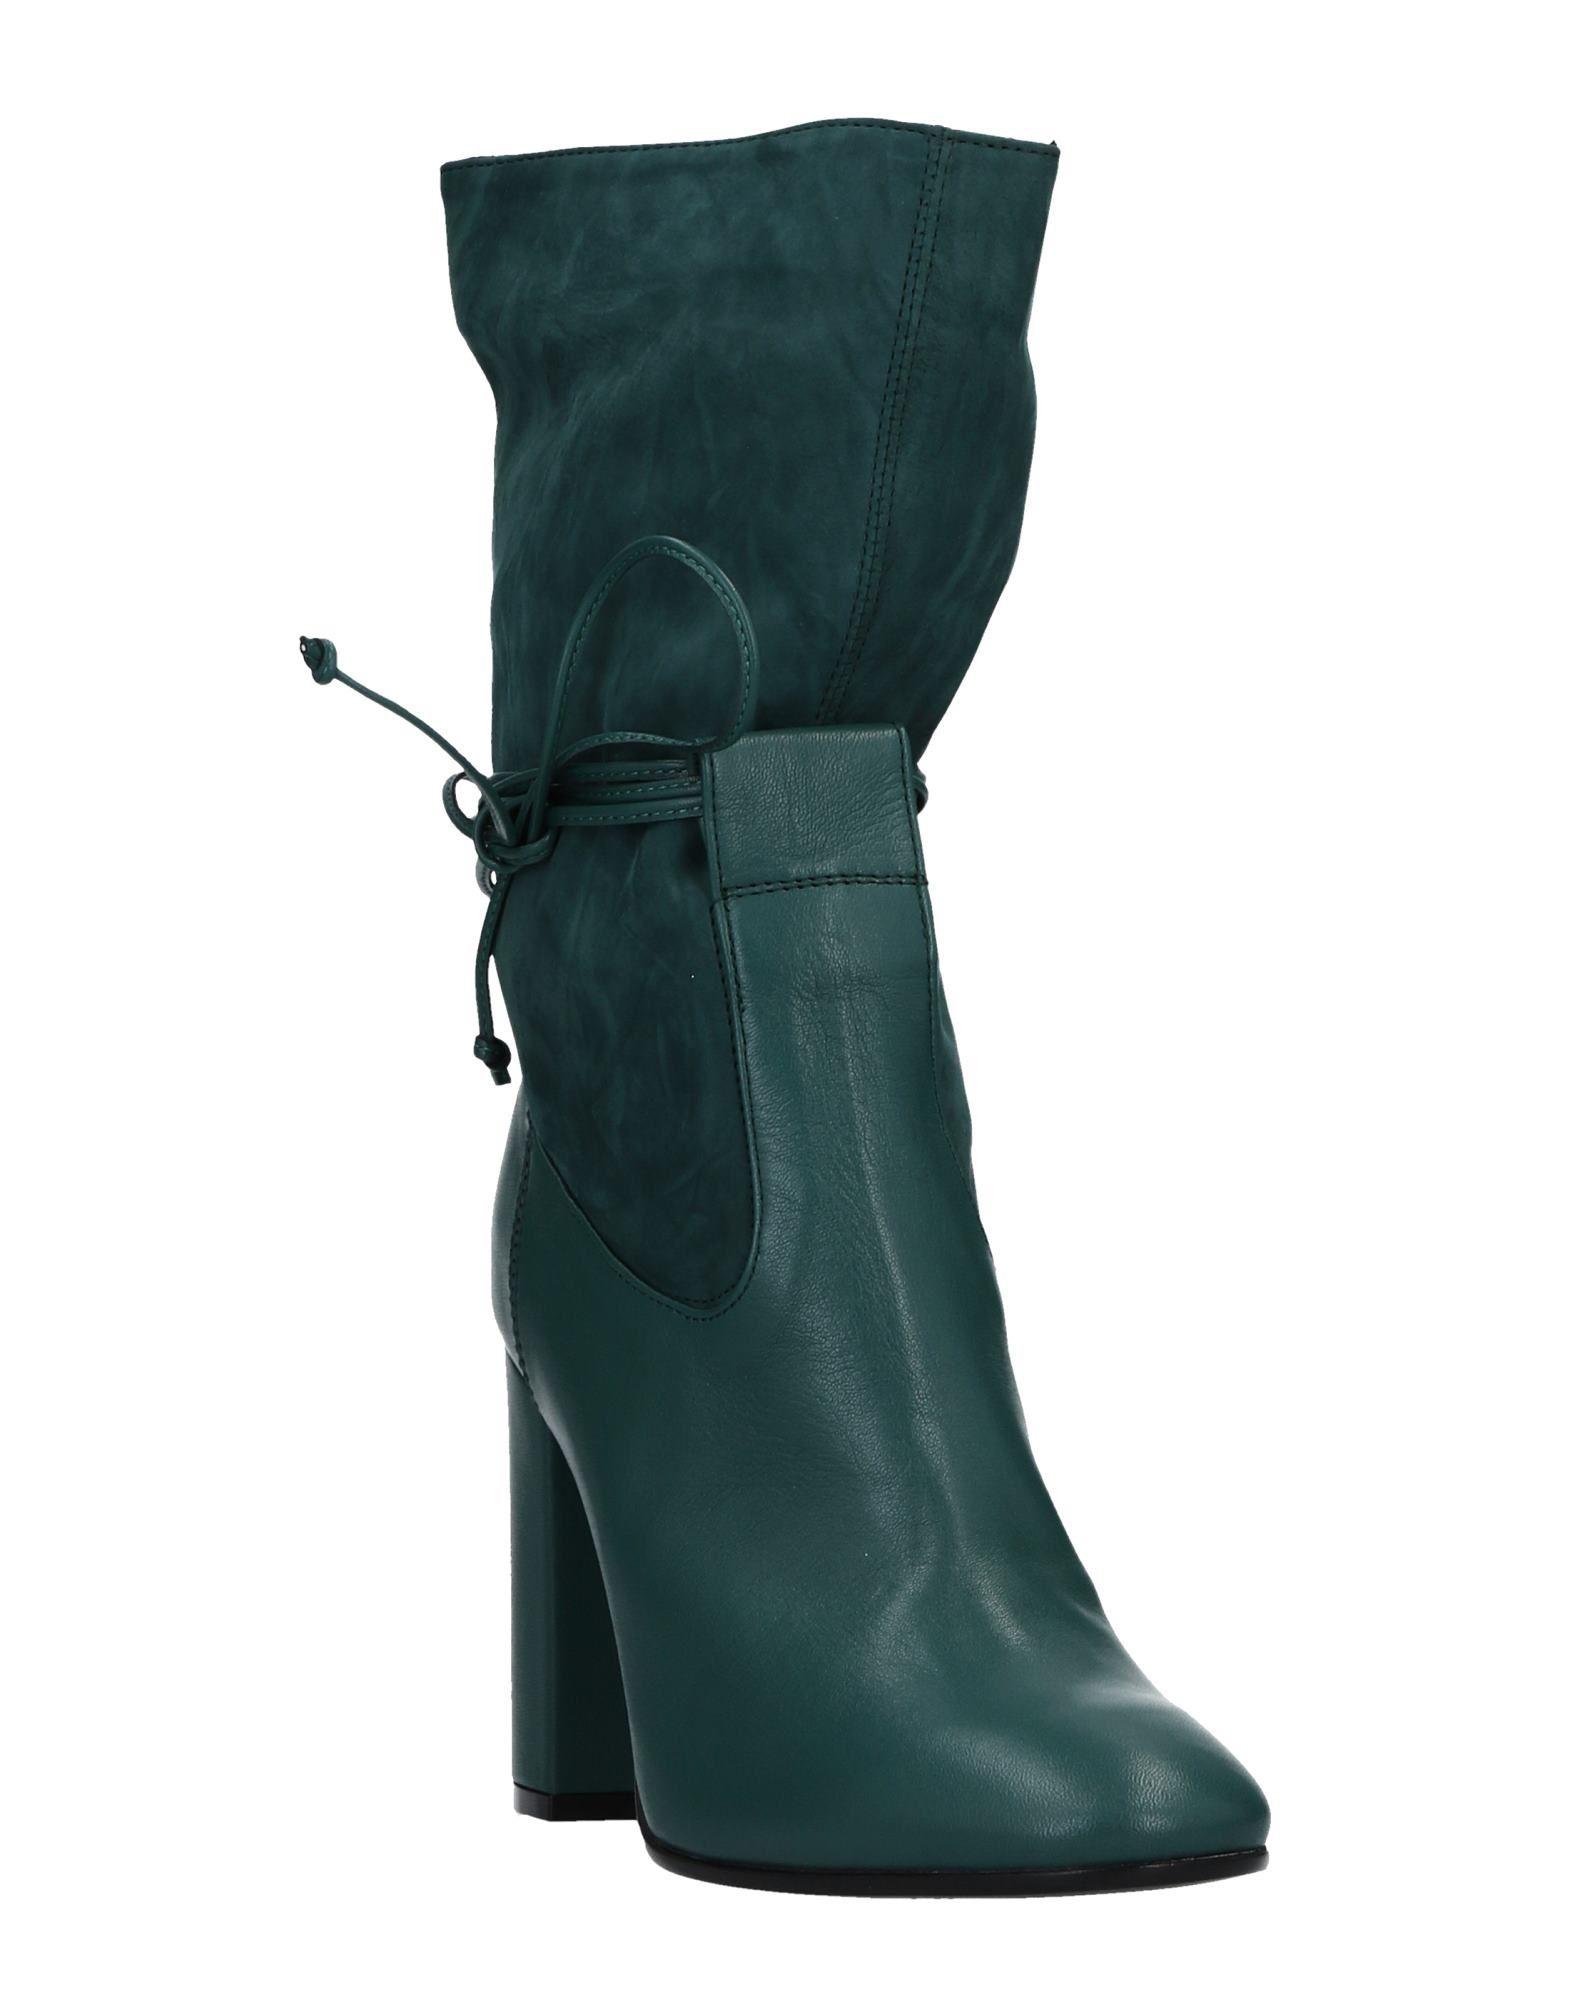 Fiorifrancesi Stiefelette strapazierfähige Damen  11512422UQGut aussehende strapazierfähige Stiefelette Schuhe 3e64e6